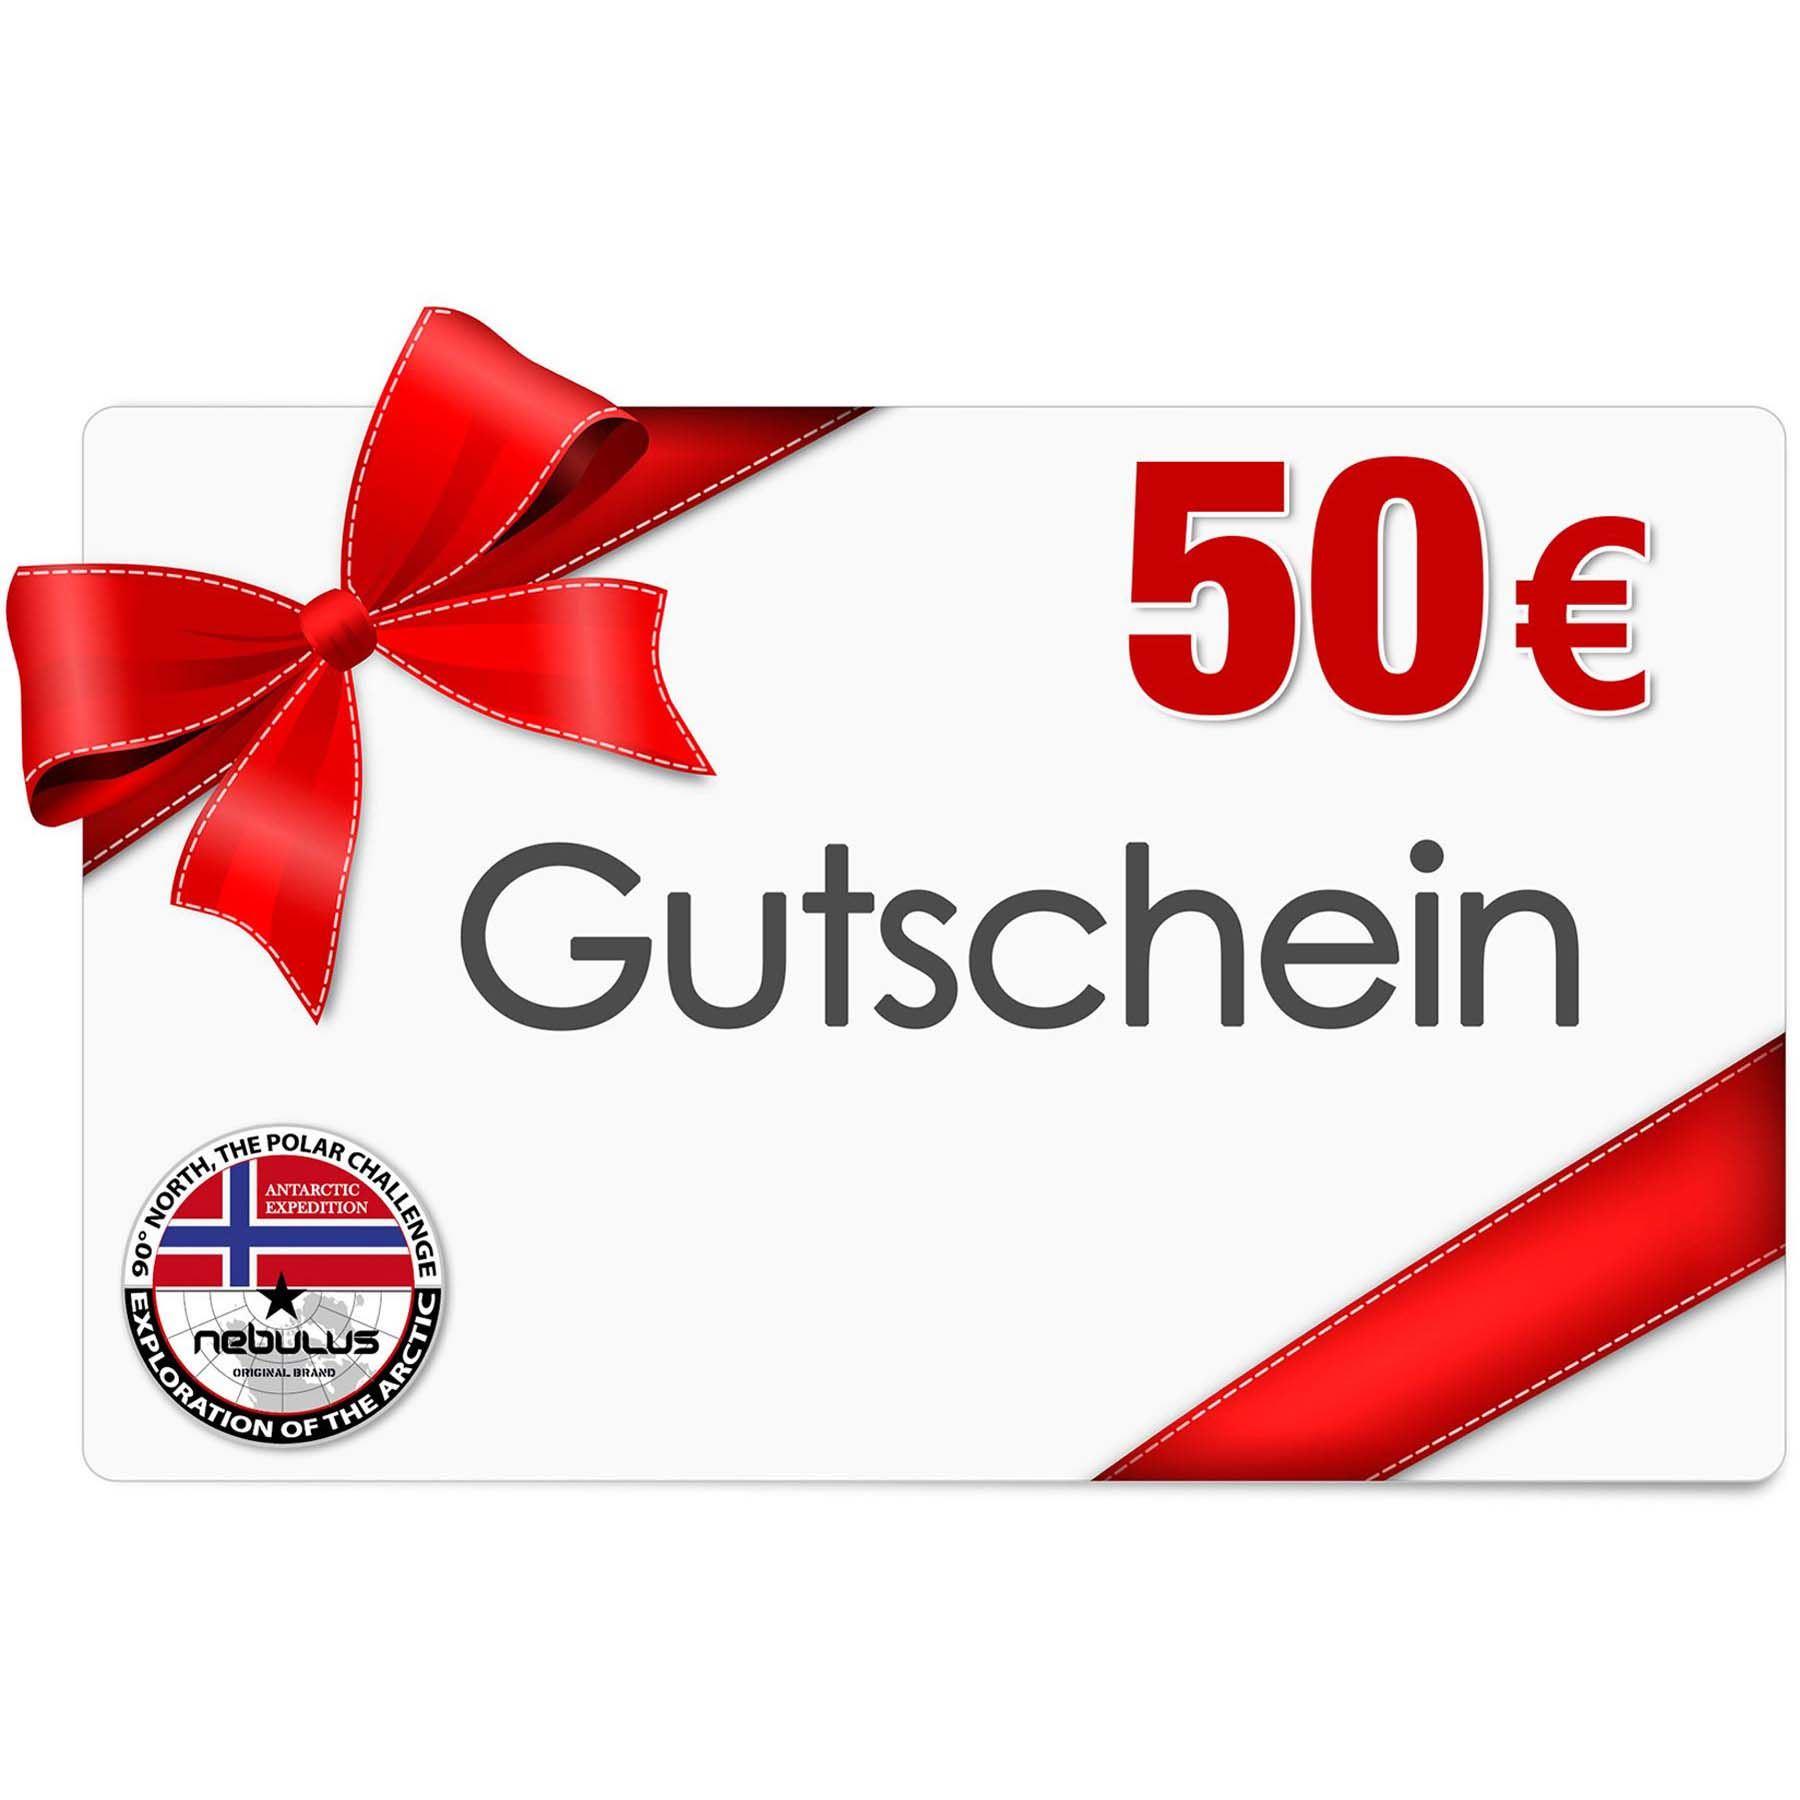 Gutschein_50.jpg